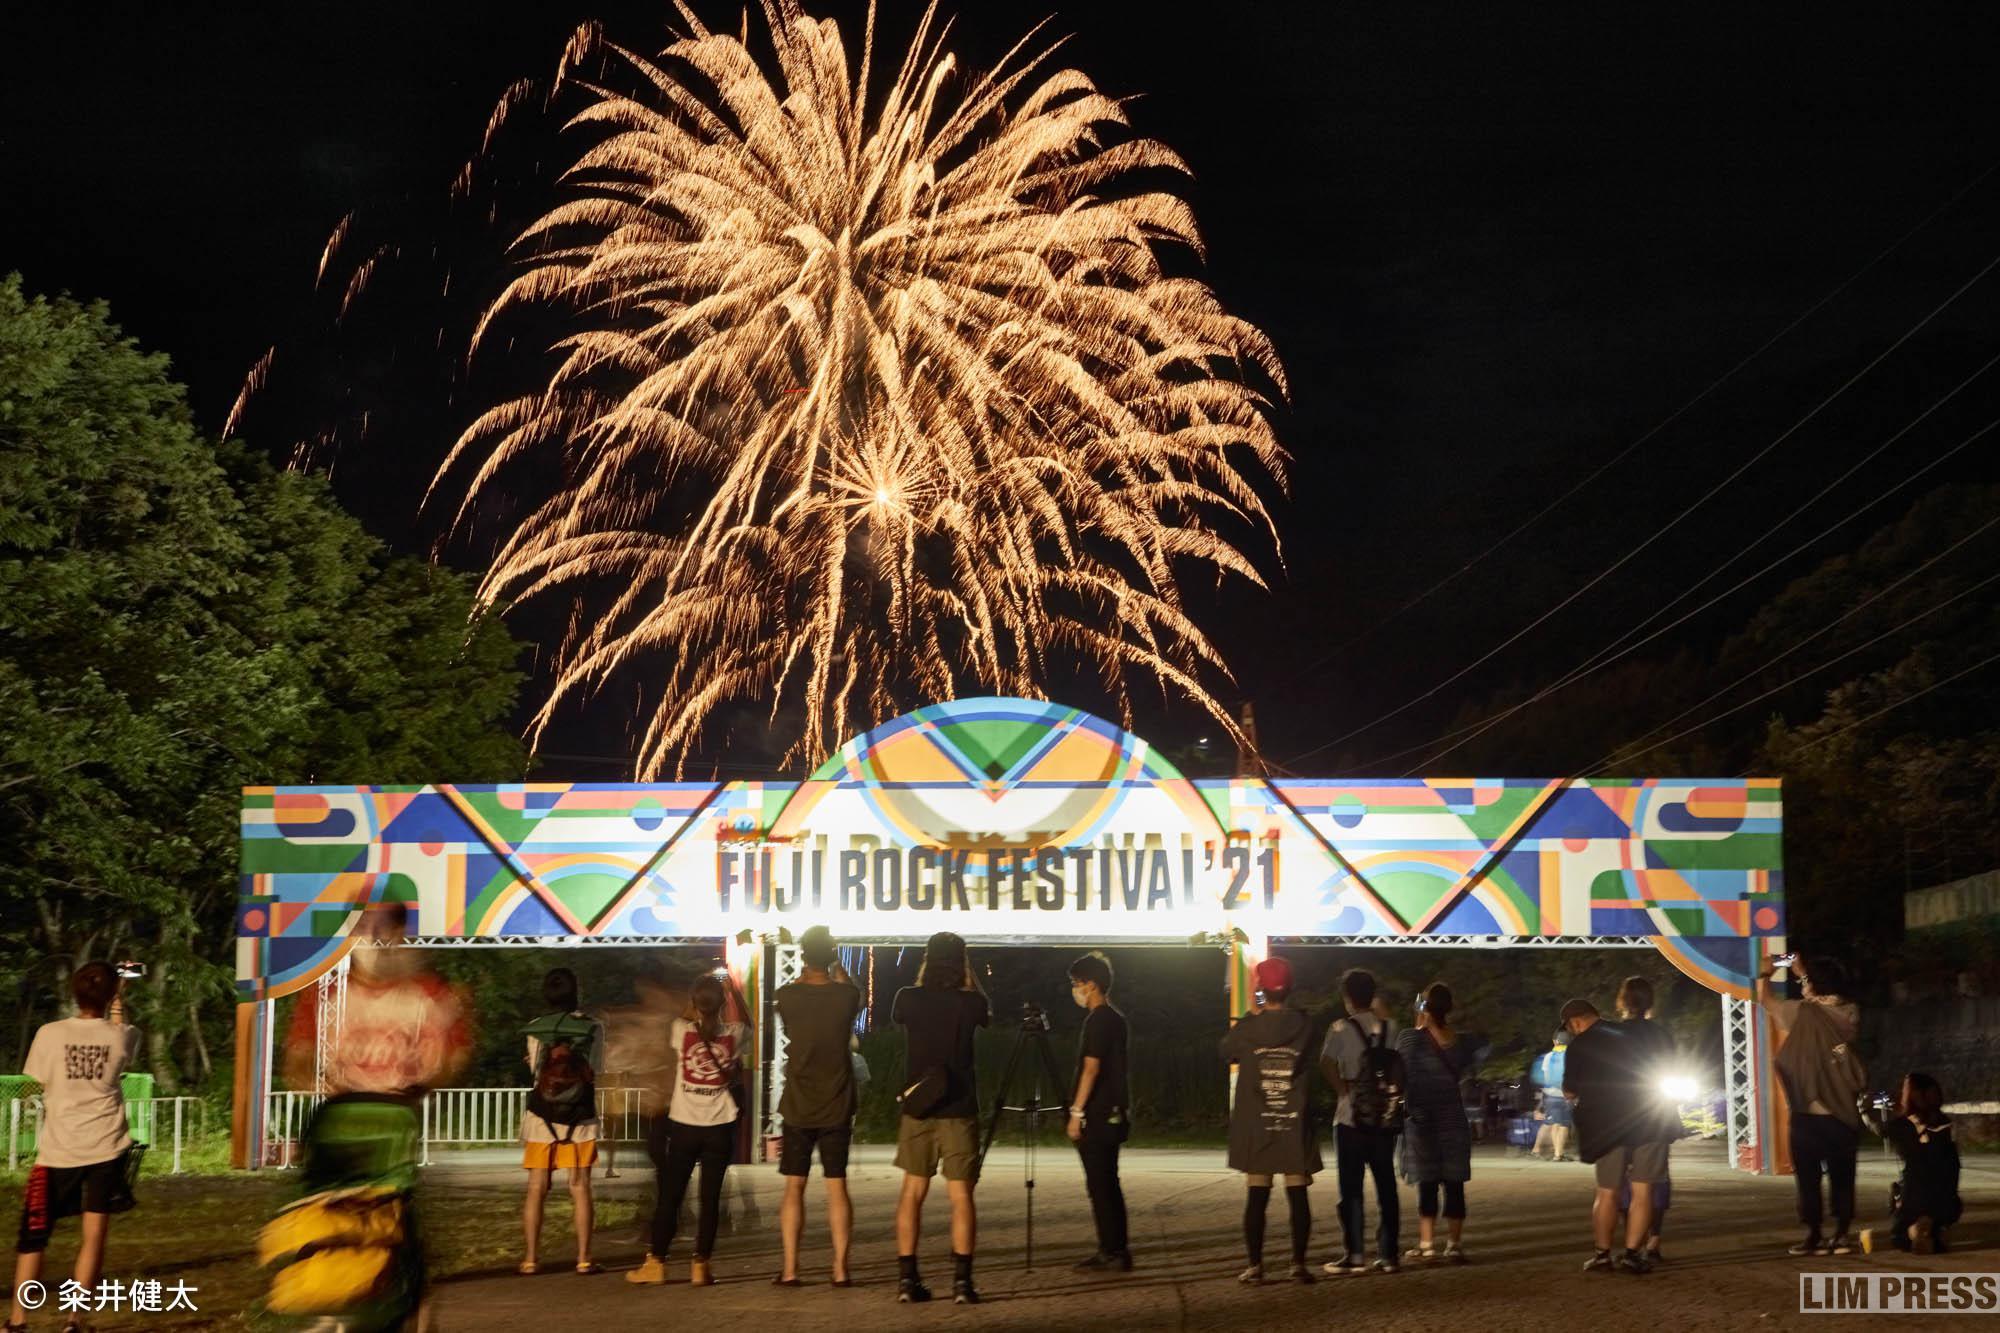 FUJIROCK FESTIVAL 2021 | 2021.08.20-22